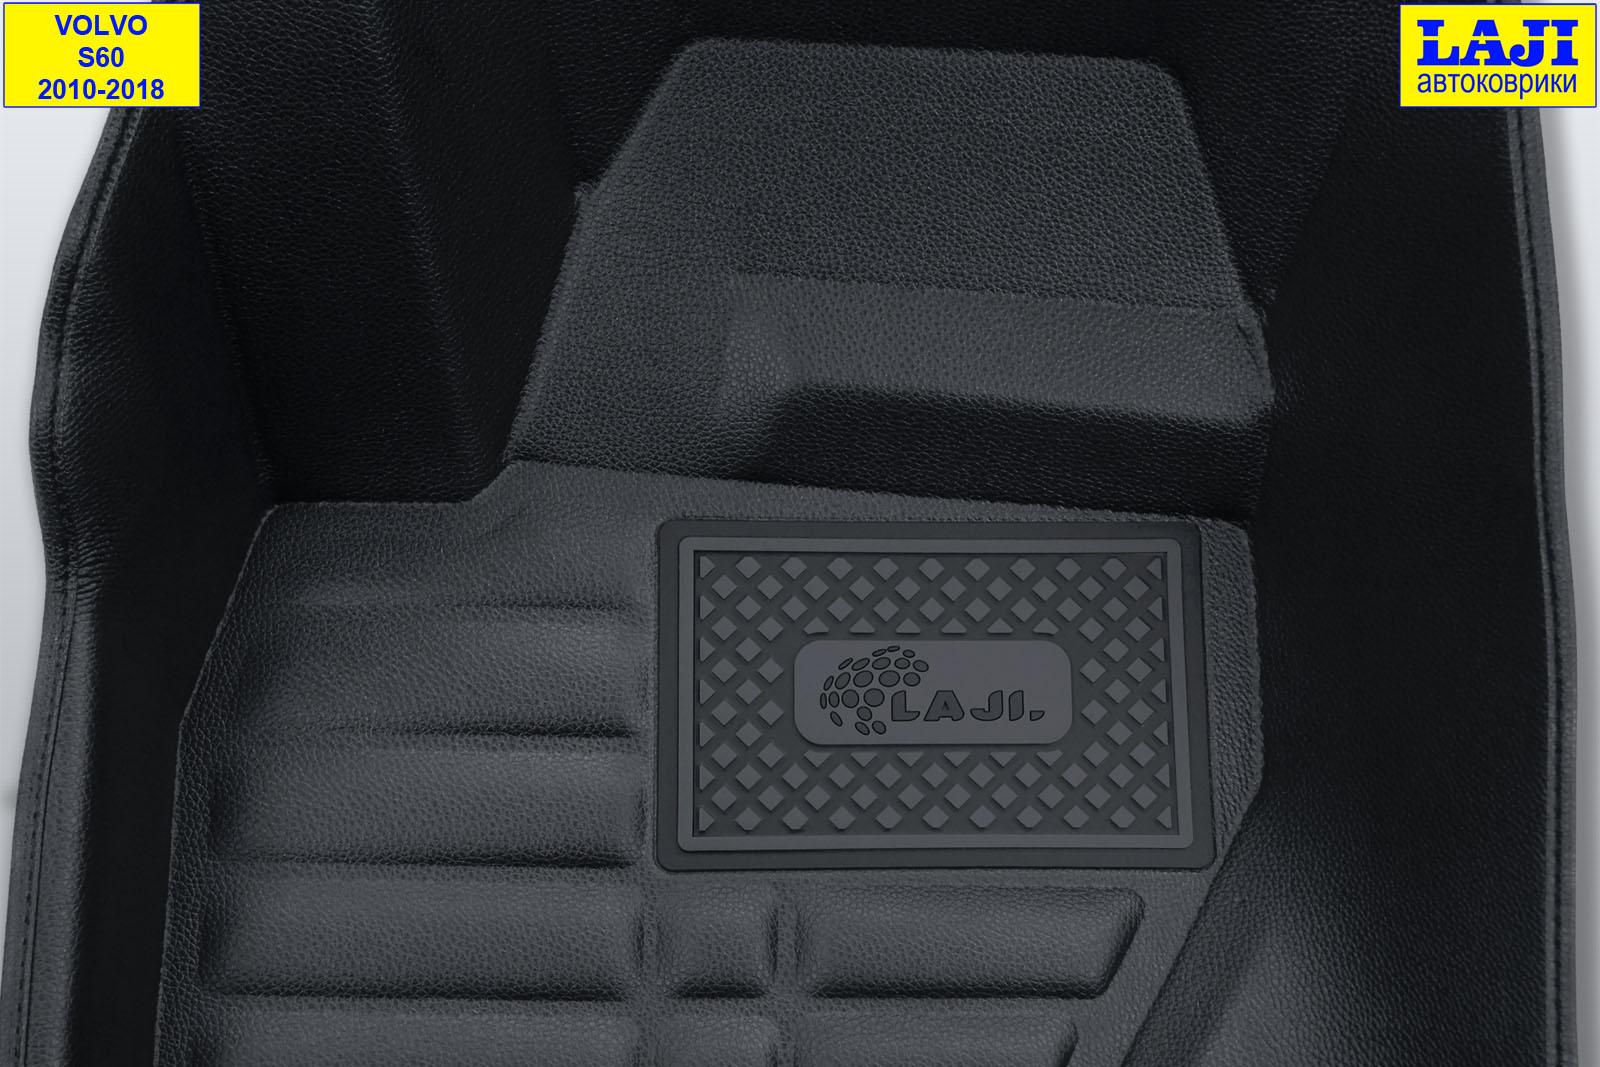 5D коврики в салон Volvo S60 II 2010-2018 7